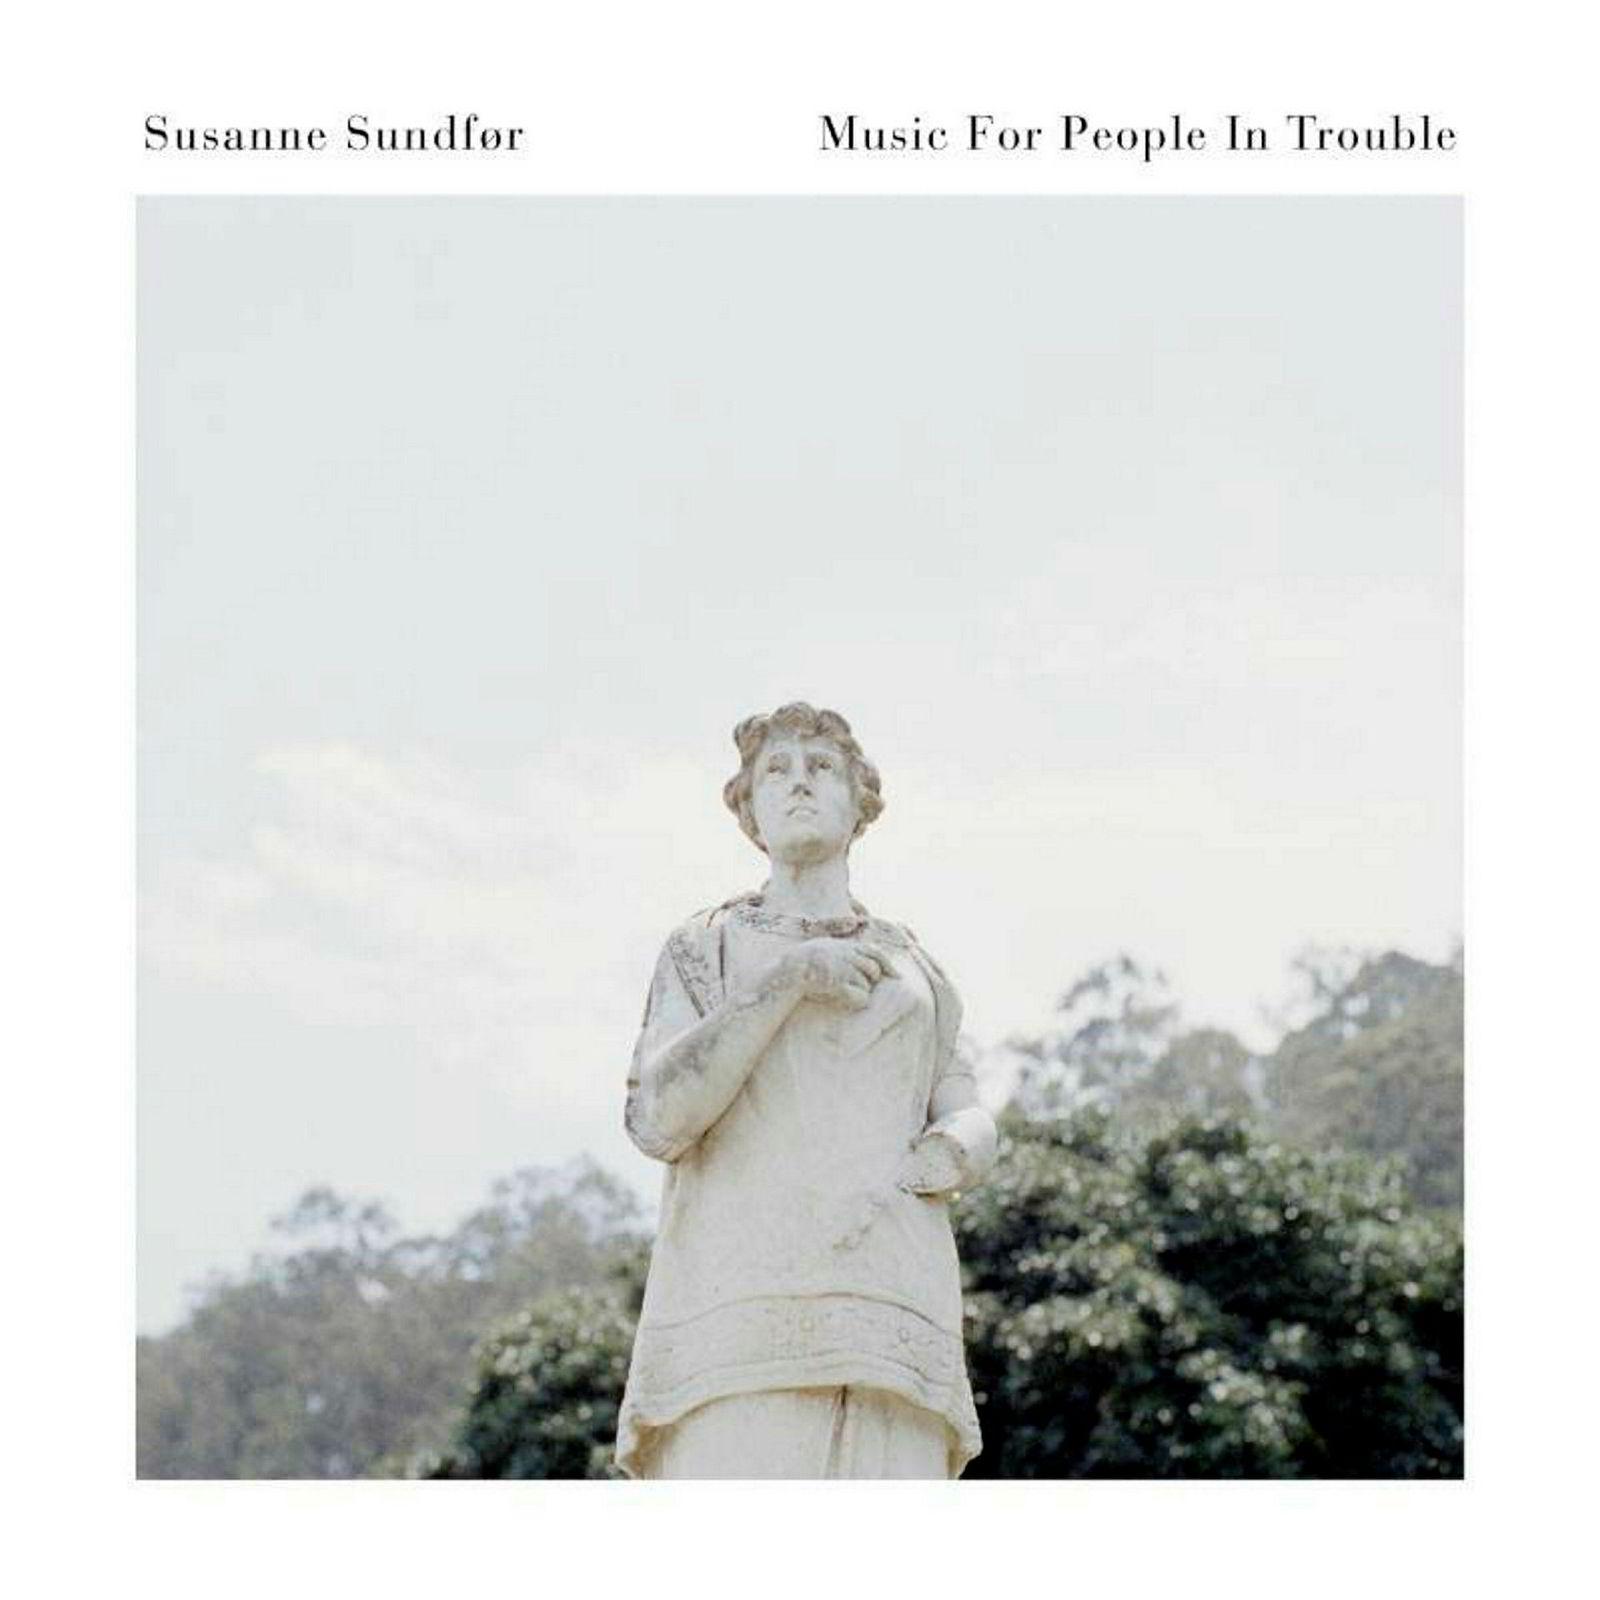 På «Music For People In Trouble» har Susanne Sundfør beveget seg mot mer moderne popmusikk, men med et kunstnerisk innhold som tar opp i seg noen av de dystreste utfordringene verden står over.